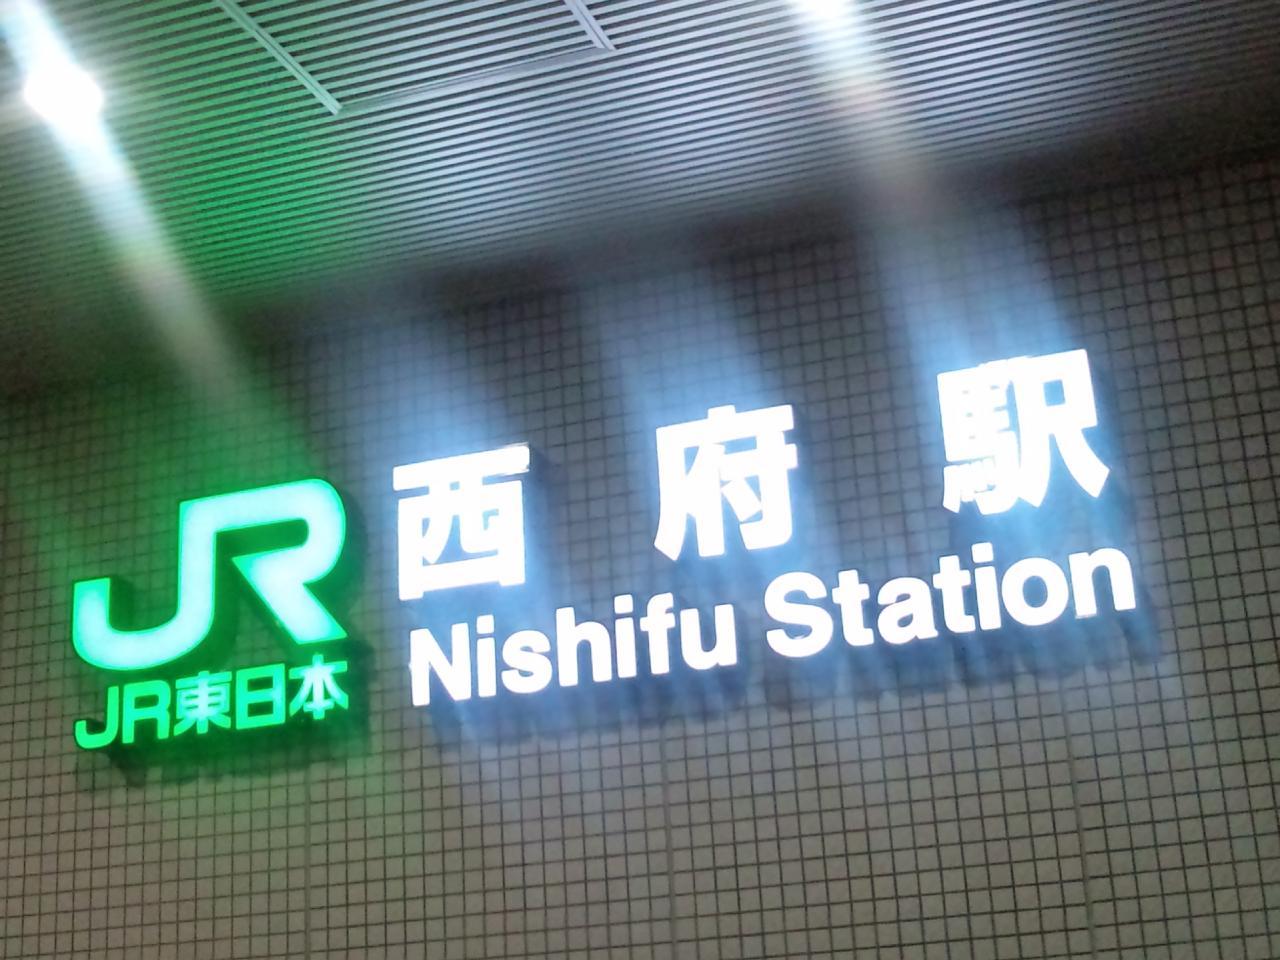 とんきち(西府駅)